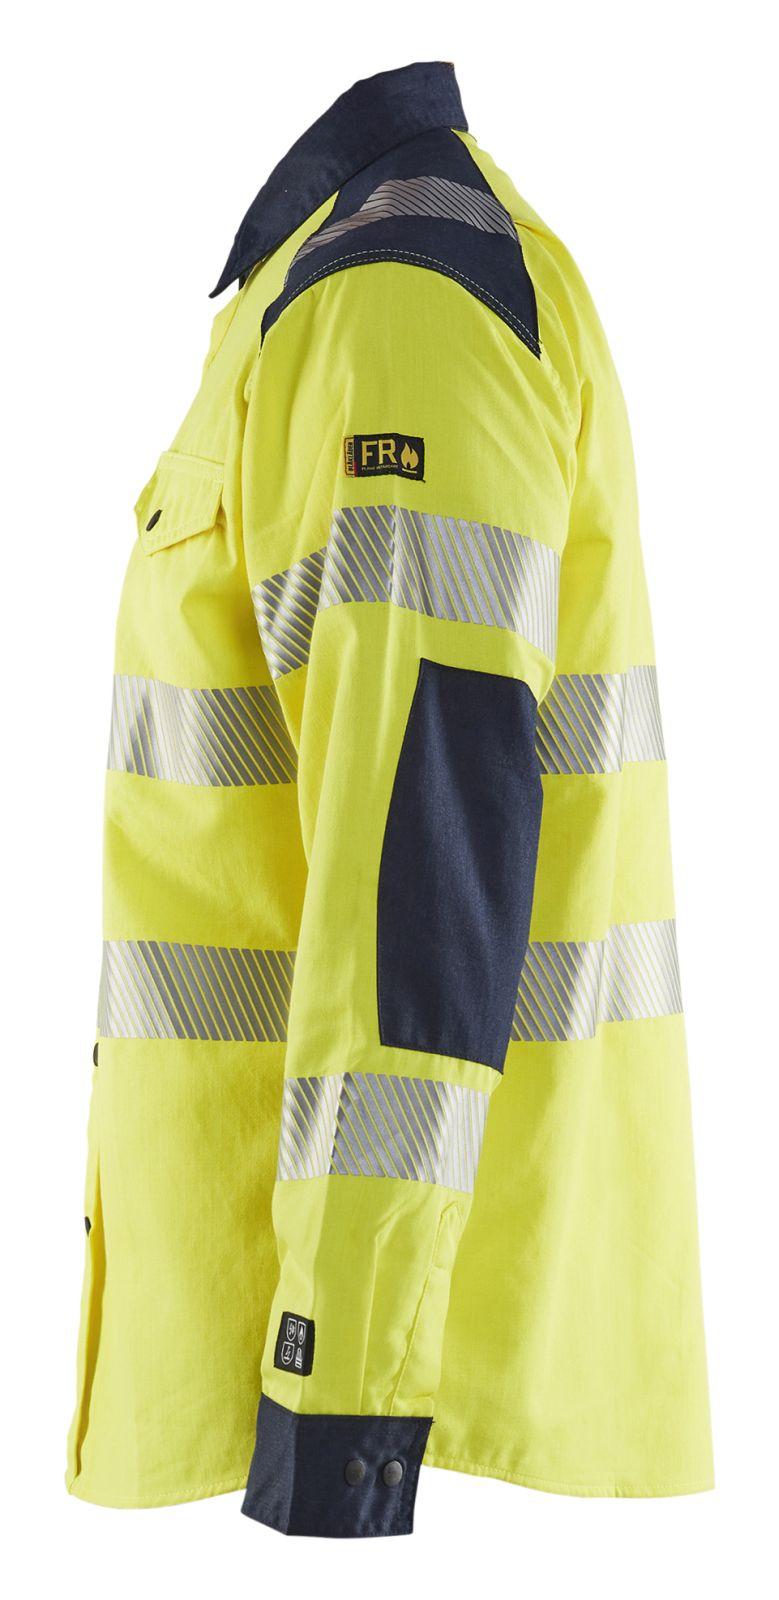 Blaklader Shirts 32391517 Multinorm fluo geel-marineblauw(3389)